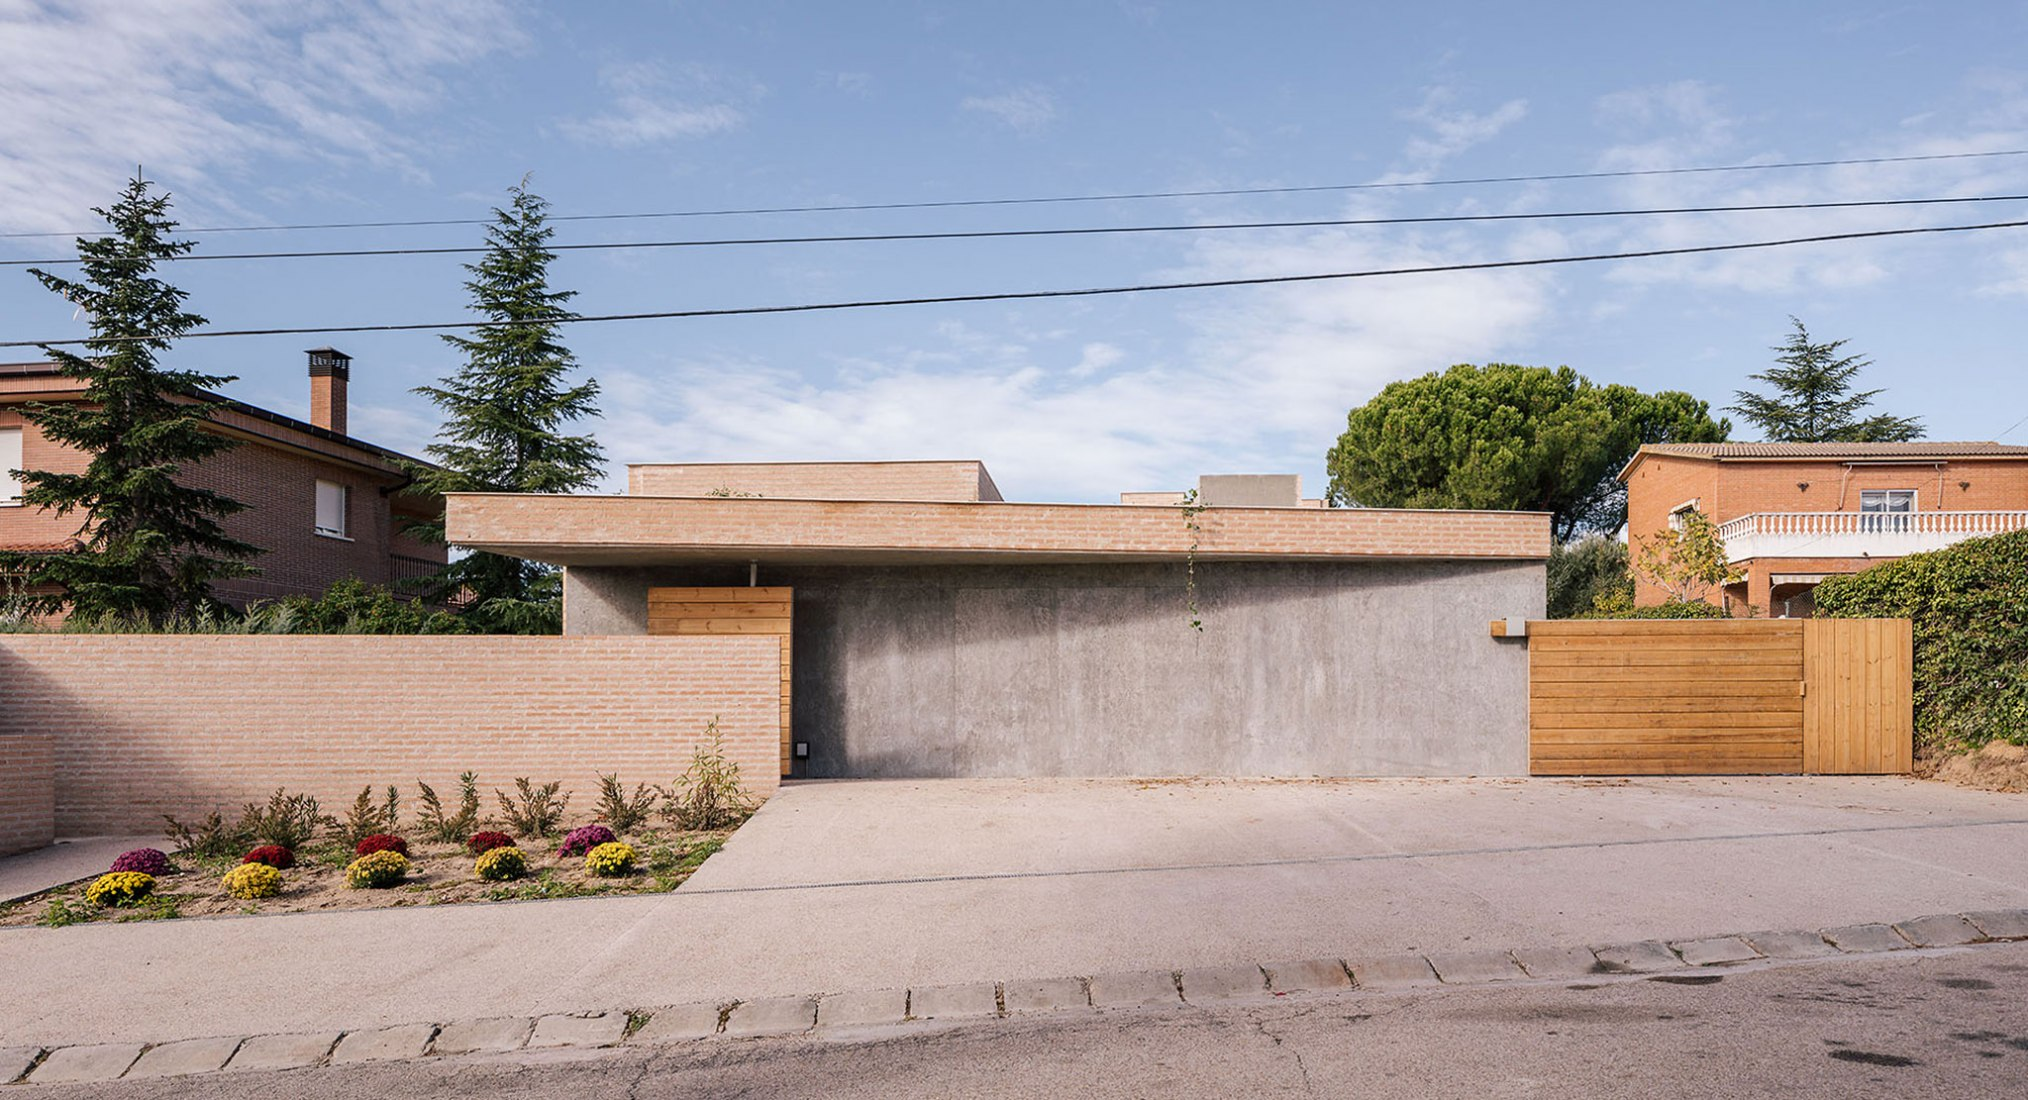 Una casa para tres generaciones en Boadilla del Monte por Malu de Miguel. Fotografía por Imagen Subliminal (Miguel de Guzmán + Rocío Romero)